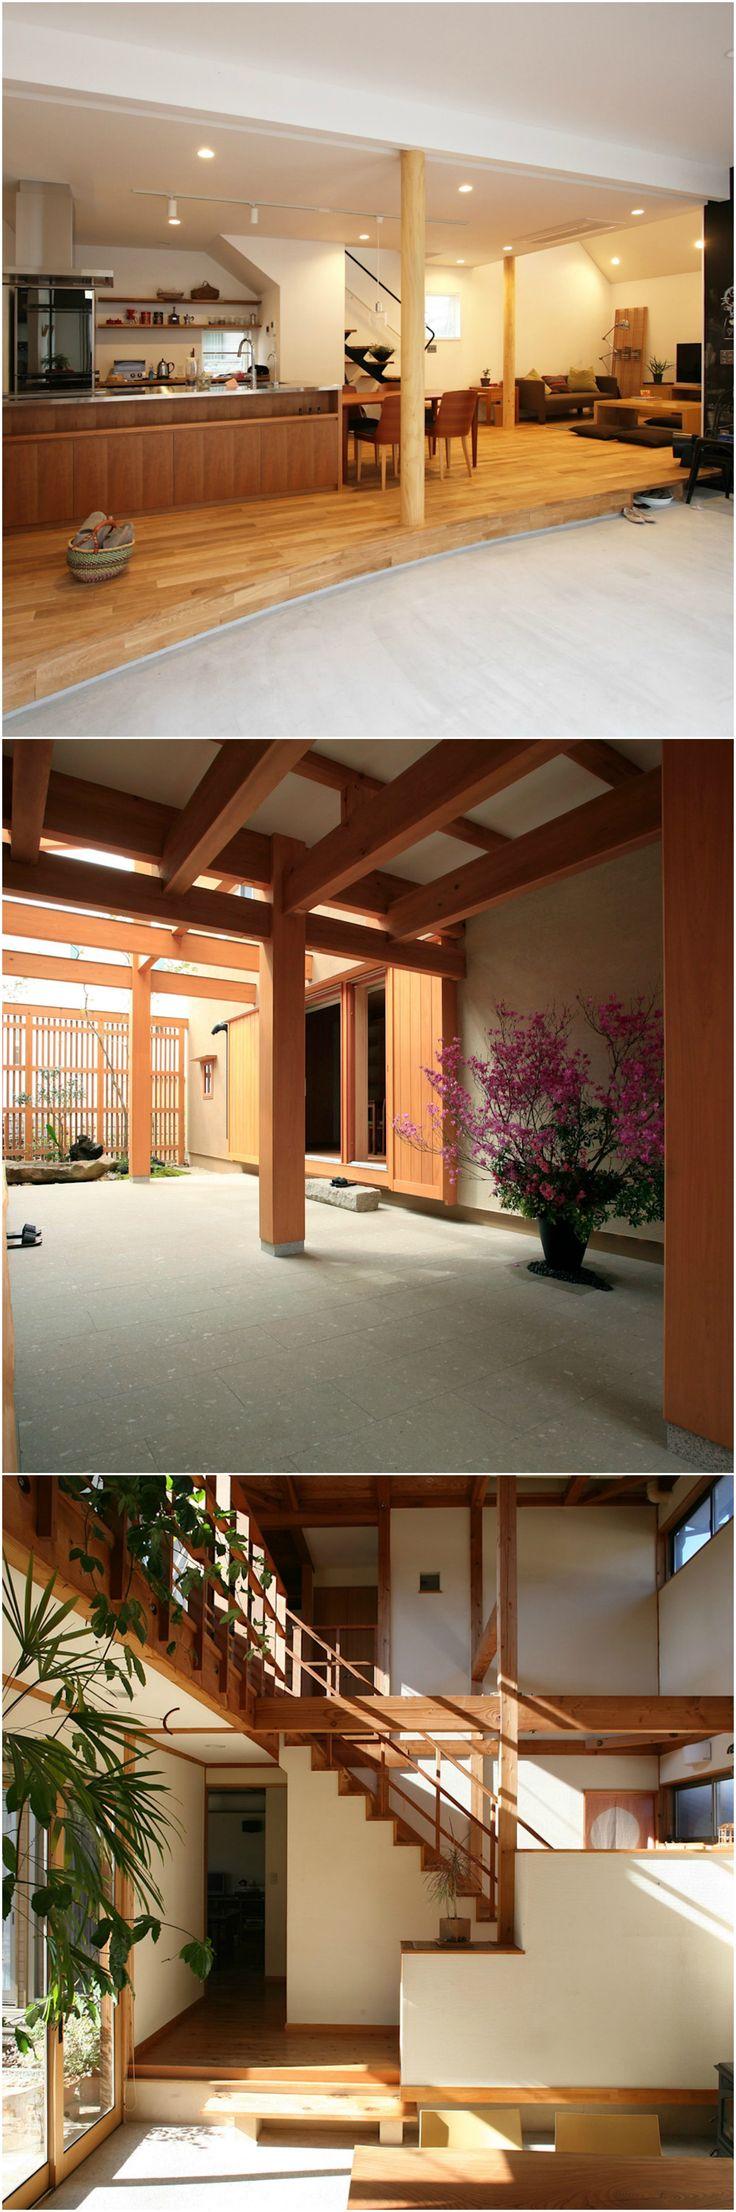 「土間が魅力の家5軒!」日本の、昔ながらの家にある土間。住まいや生活習慣が西洋化するにつれ、土間は住居から姿を消していきました。しかし最近になって、土間の魅力が見直され、家に土間を取り入れられる方が多くなりました。それではその土間の魅力とはどのようなものでしょうか?今回の記事では、モダンな家に取り入れられる、現代の土間の魅力をご紹介したいと思います。